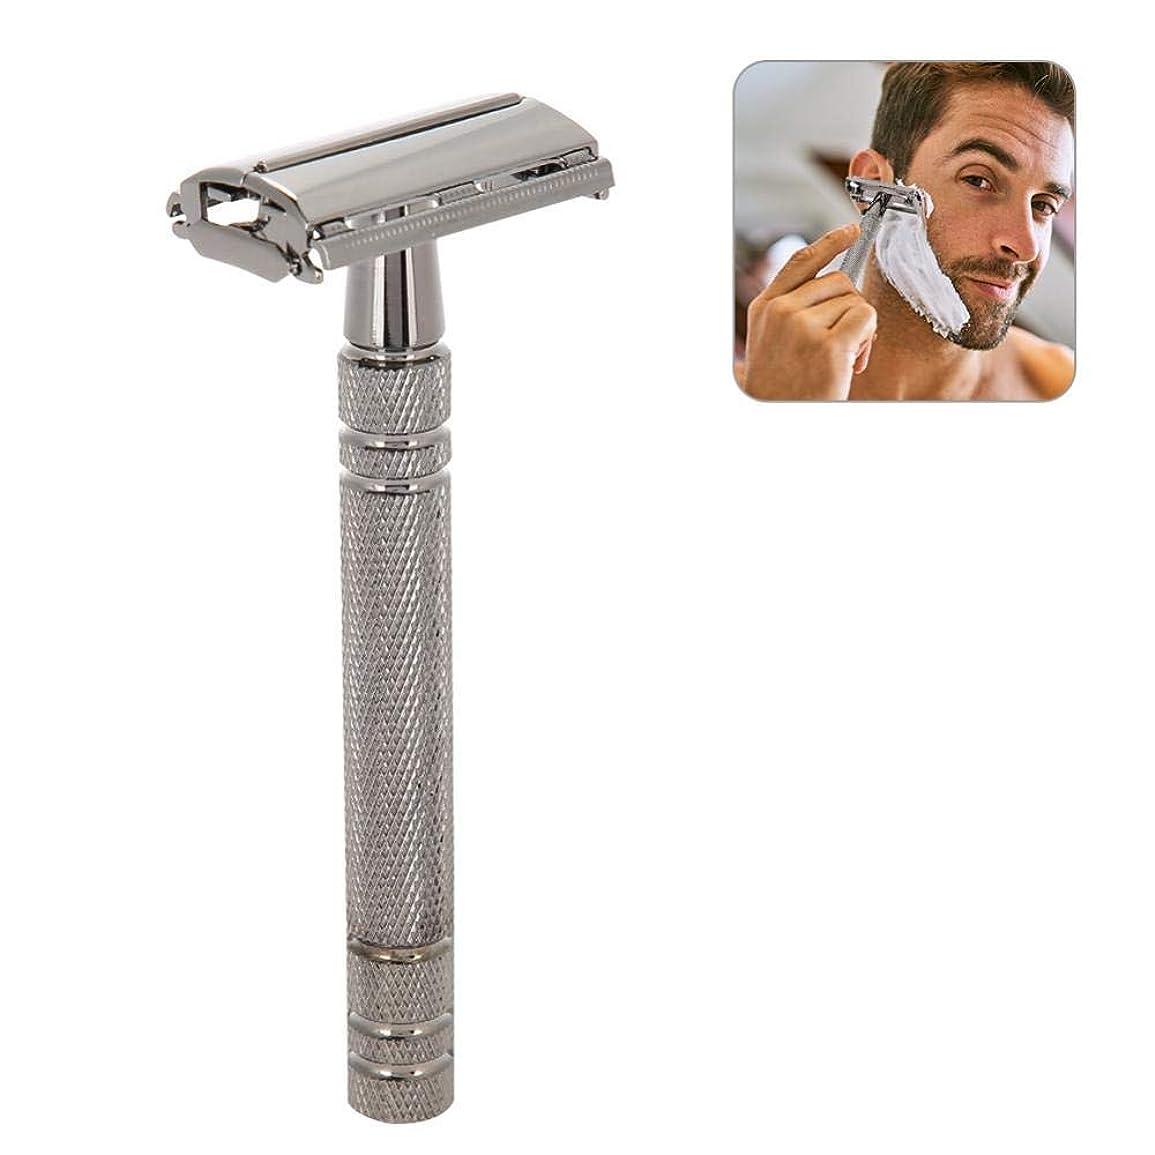 広範囲にホステス租界メンズシェーバー クラシックレイザー 脱毛器 剃刀 手動 交換可能なブレード(シルバー)